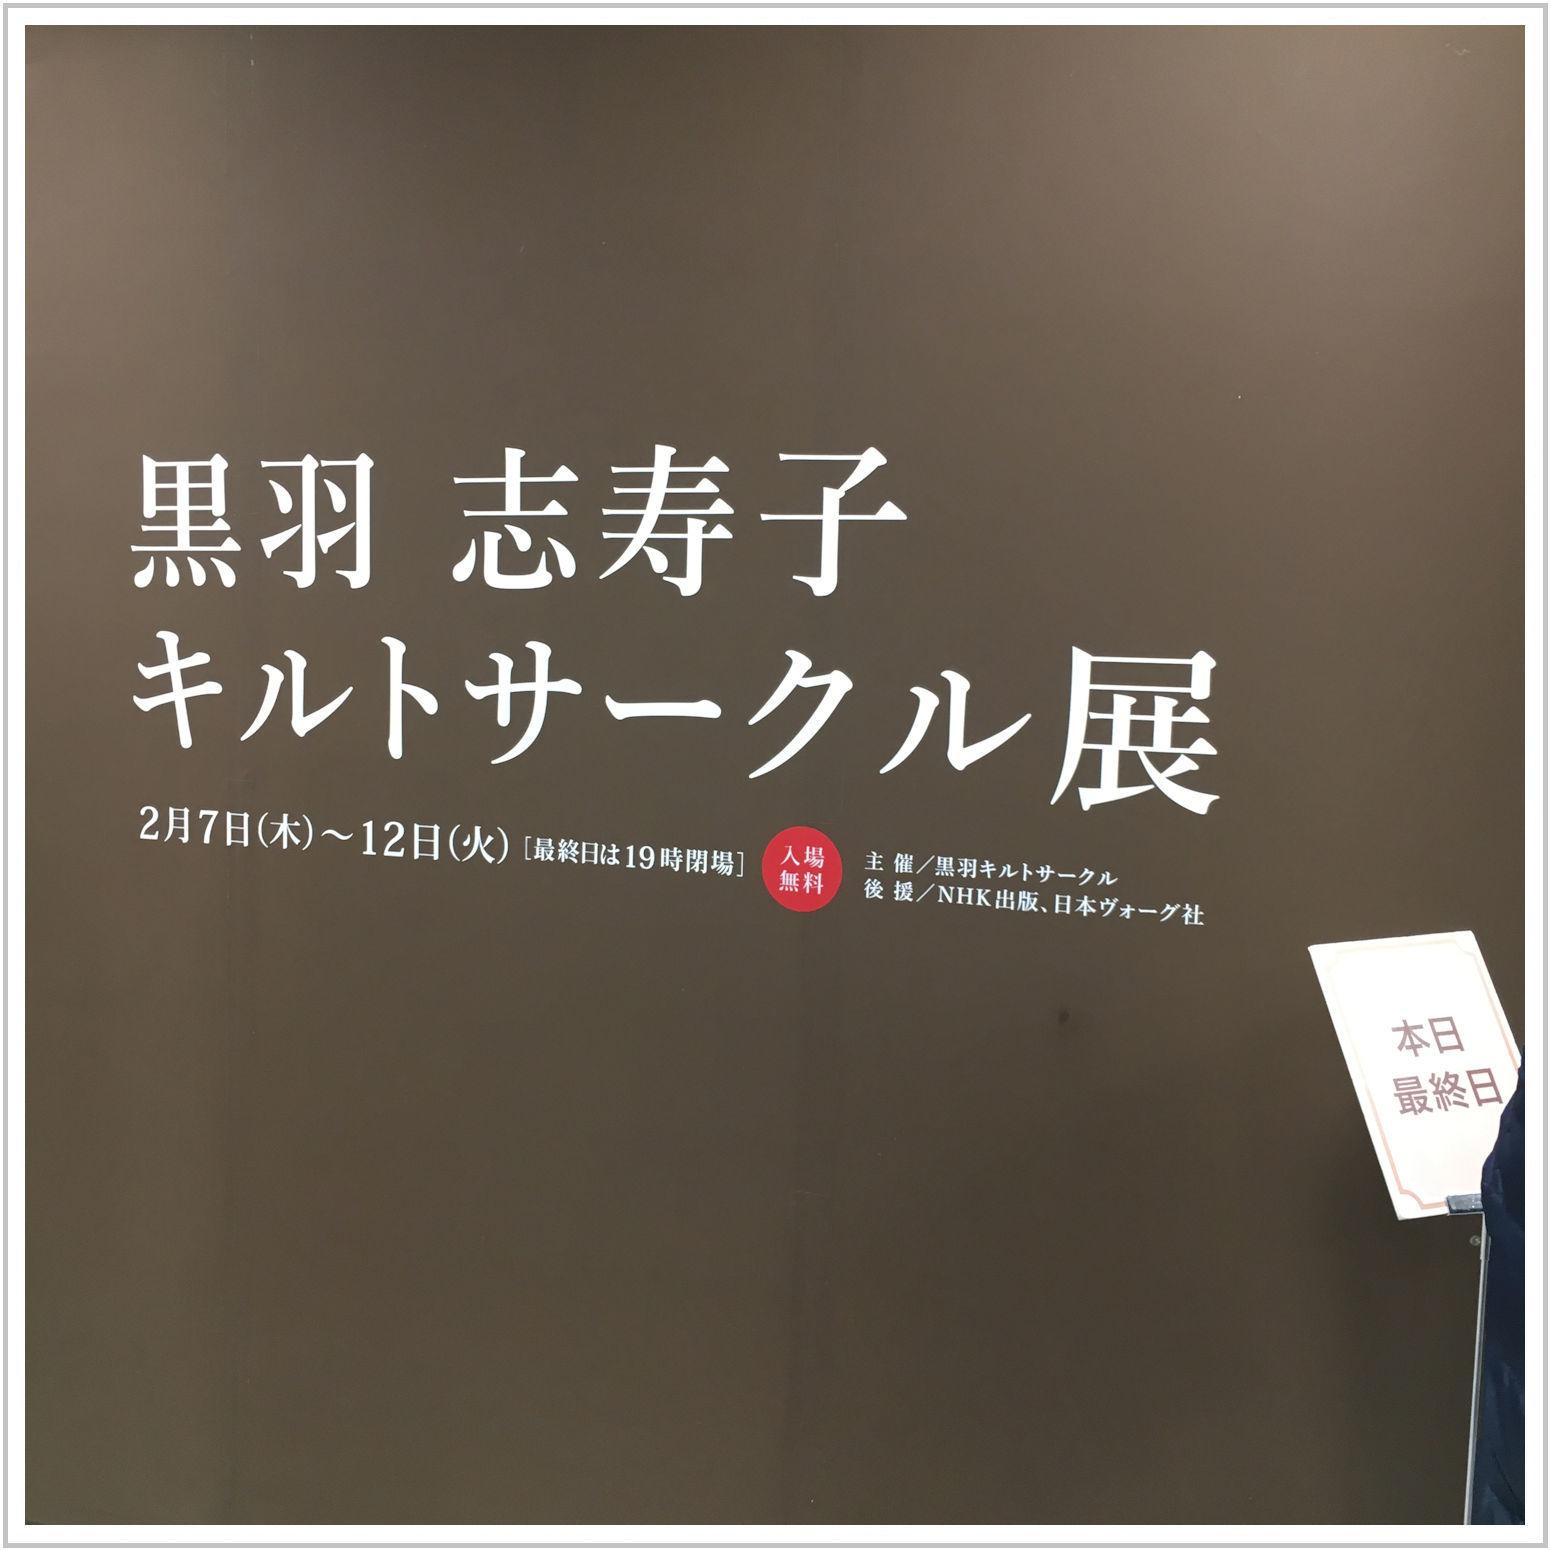 kuroha_1.jpg